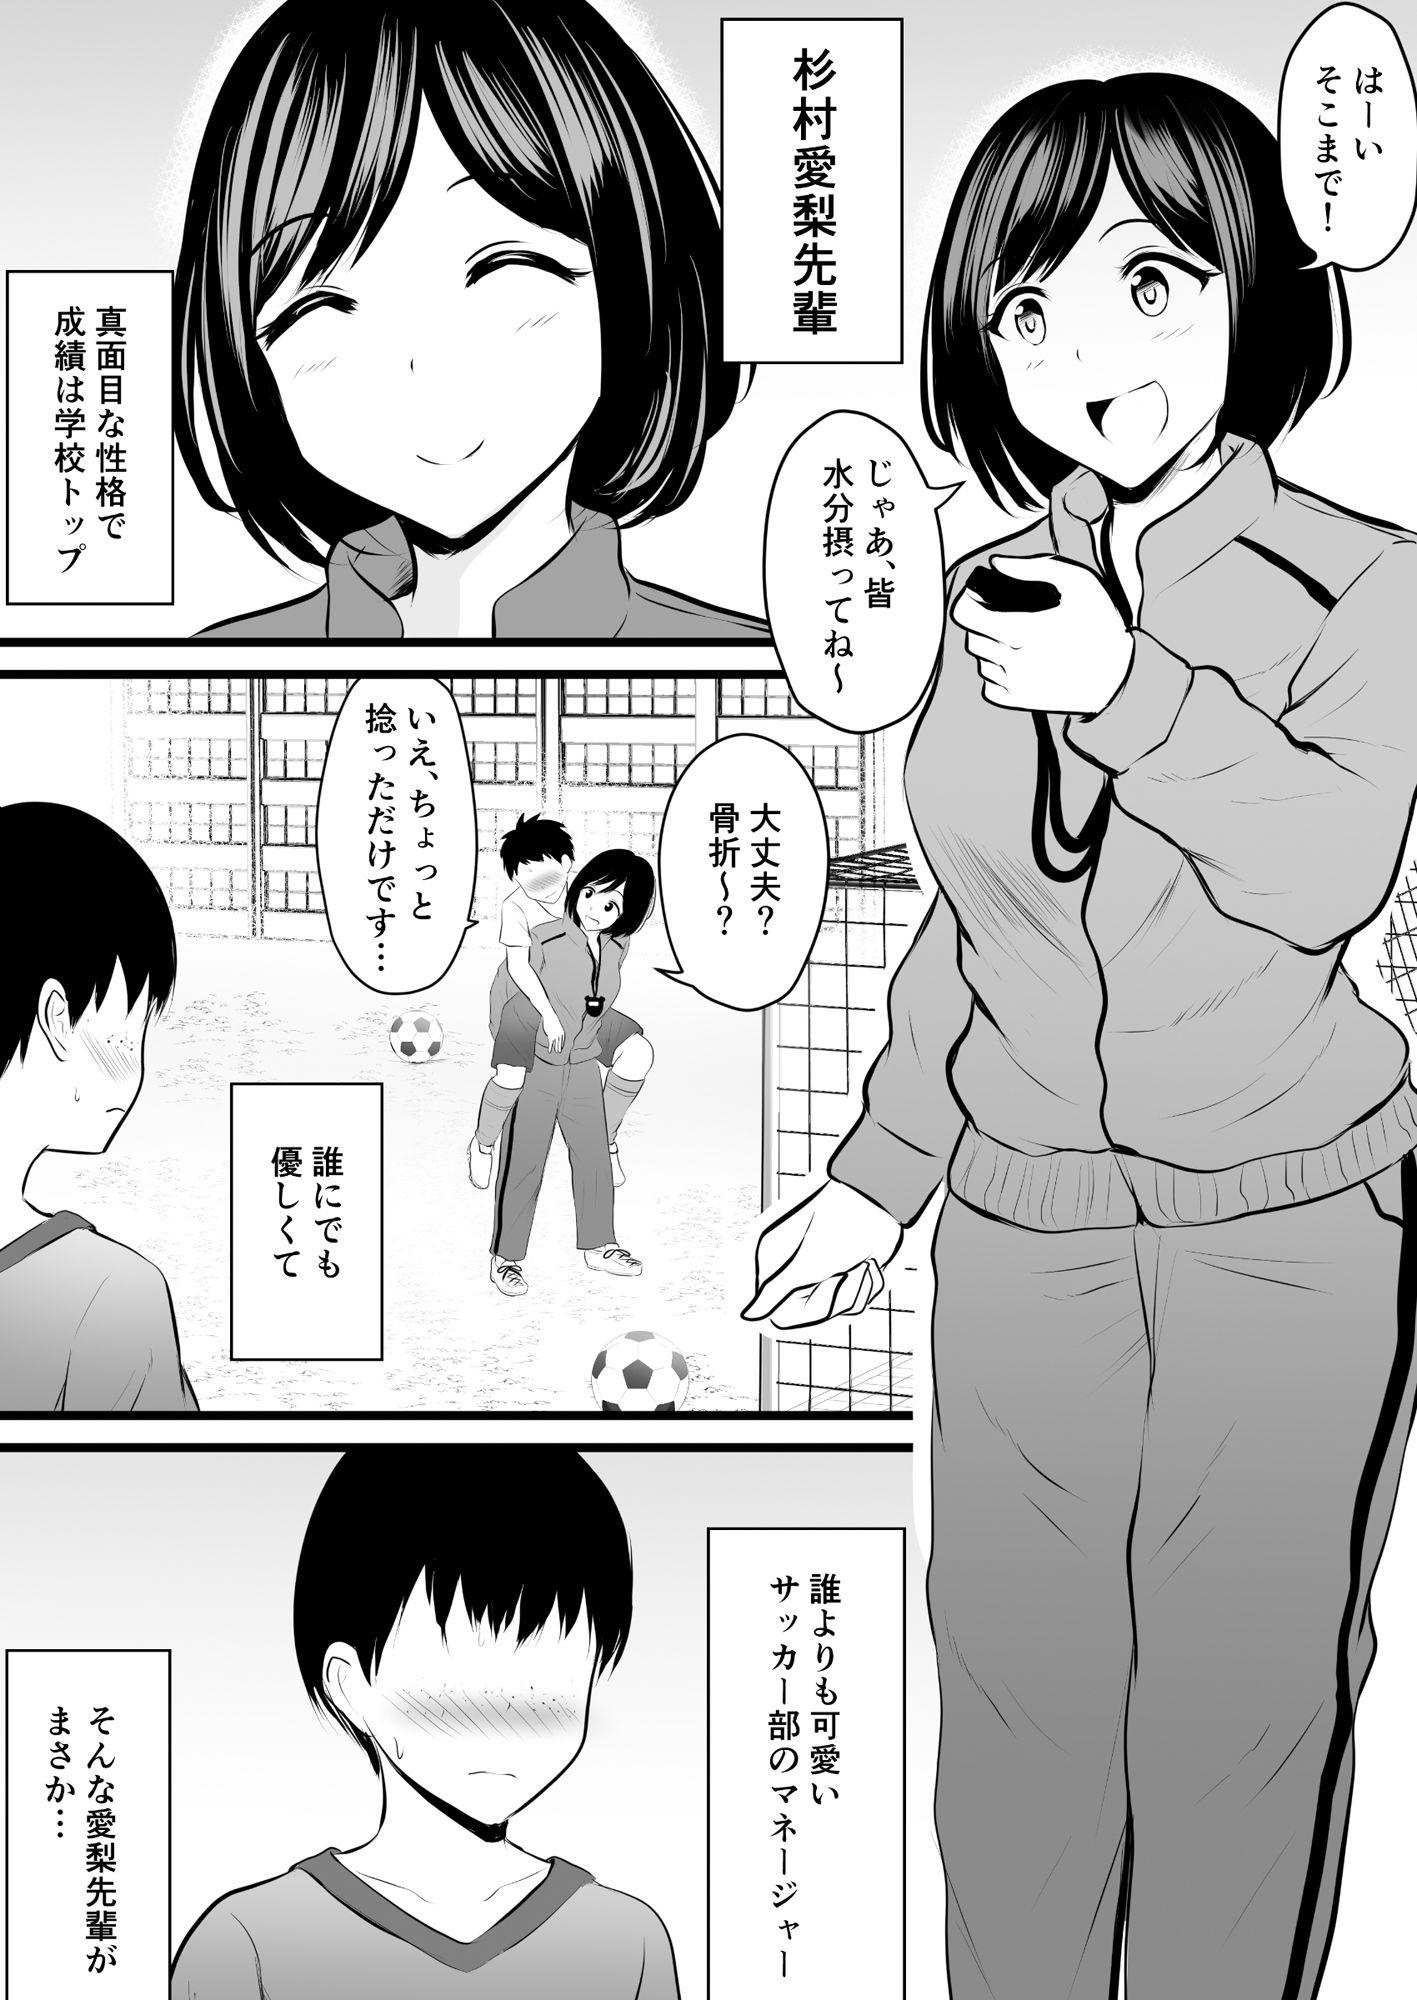 【エロ漫画無料大全集】【エロ漫画】まじめで優しい先輩マネージャーさんが裏垢女子だった